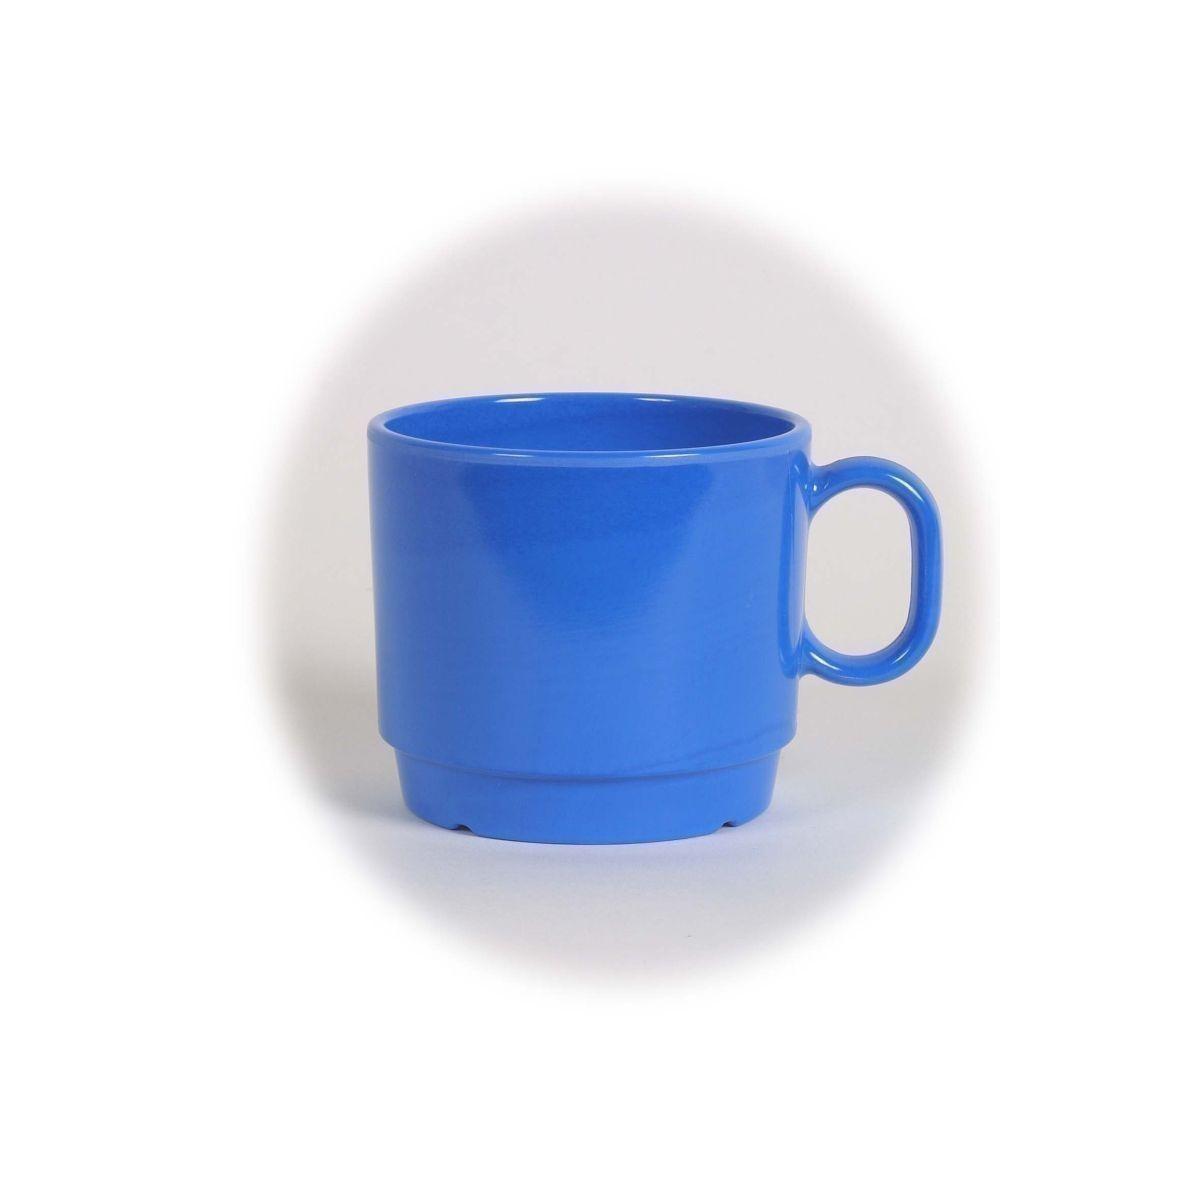 melamin blau tasse 280 ml bei outdoor zeit kaufen. Black Bedroom Furniture Sets. Home Design Ideas